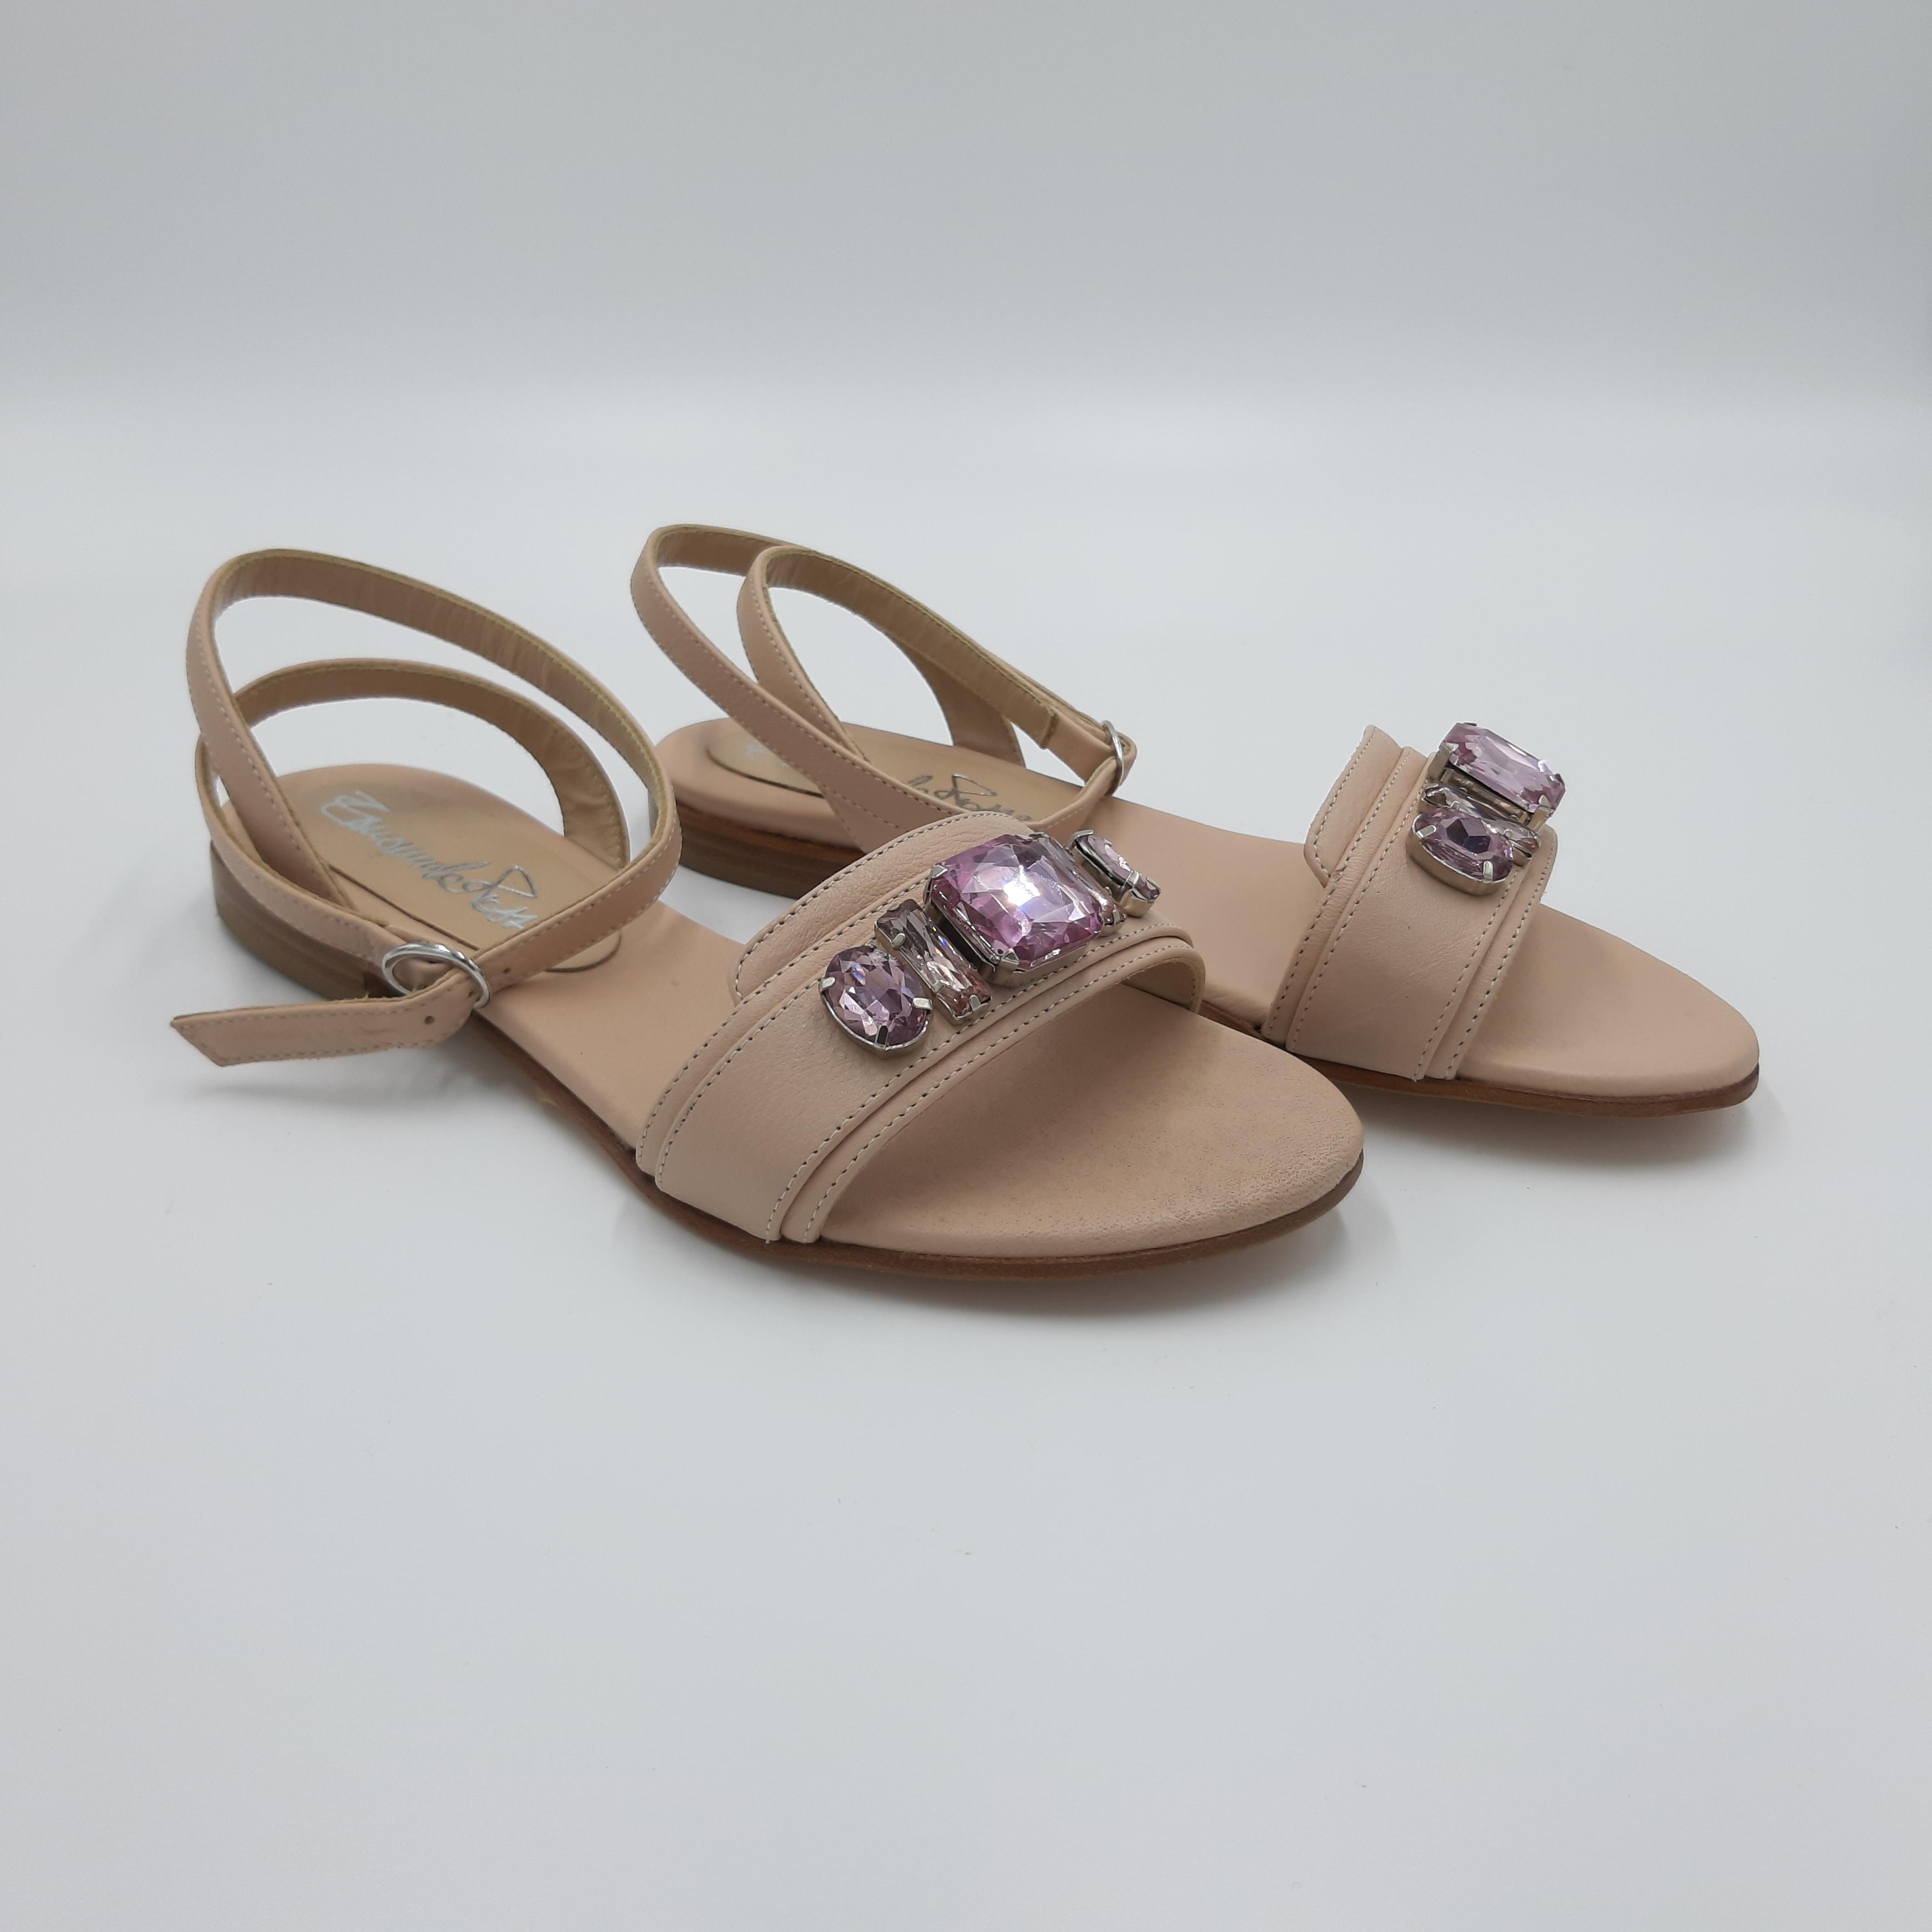 Sandali con gioiello Emanuela Passeri